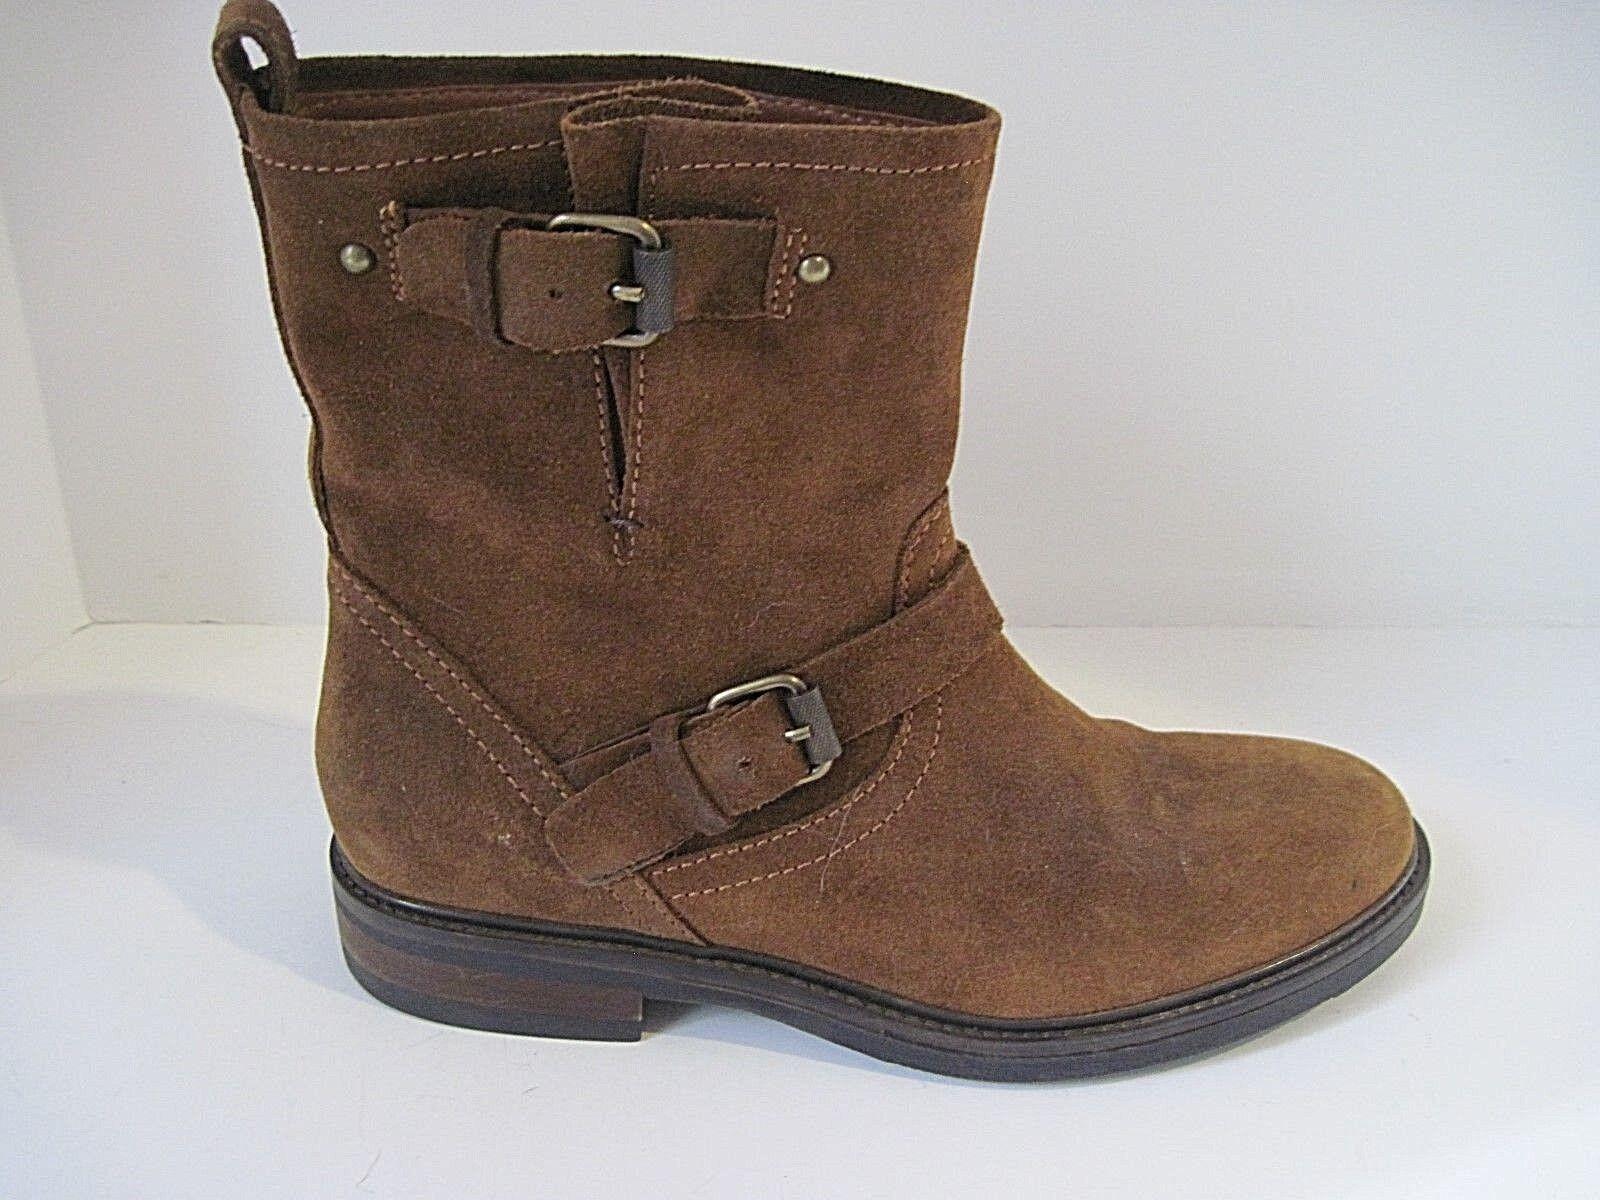 J Crew Biker Suede Boots Warm Chestnut Size 8 1 2